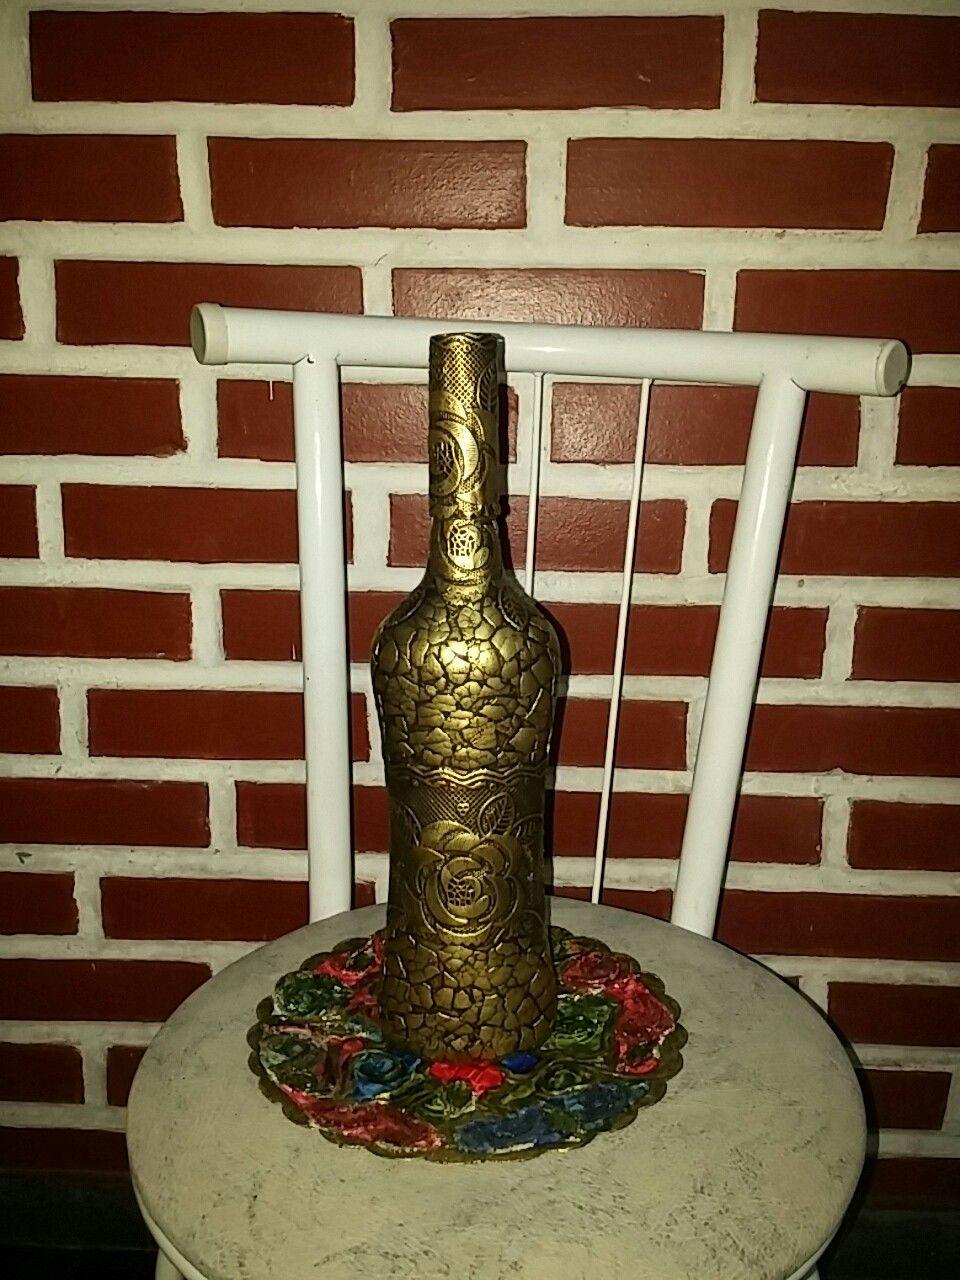 Garrafa decorada com casca de ovo